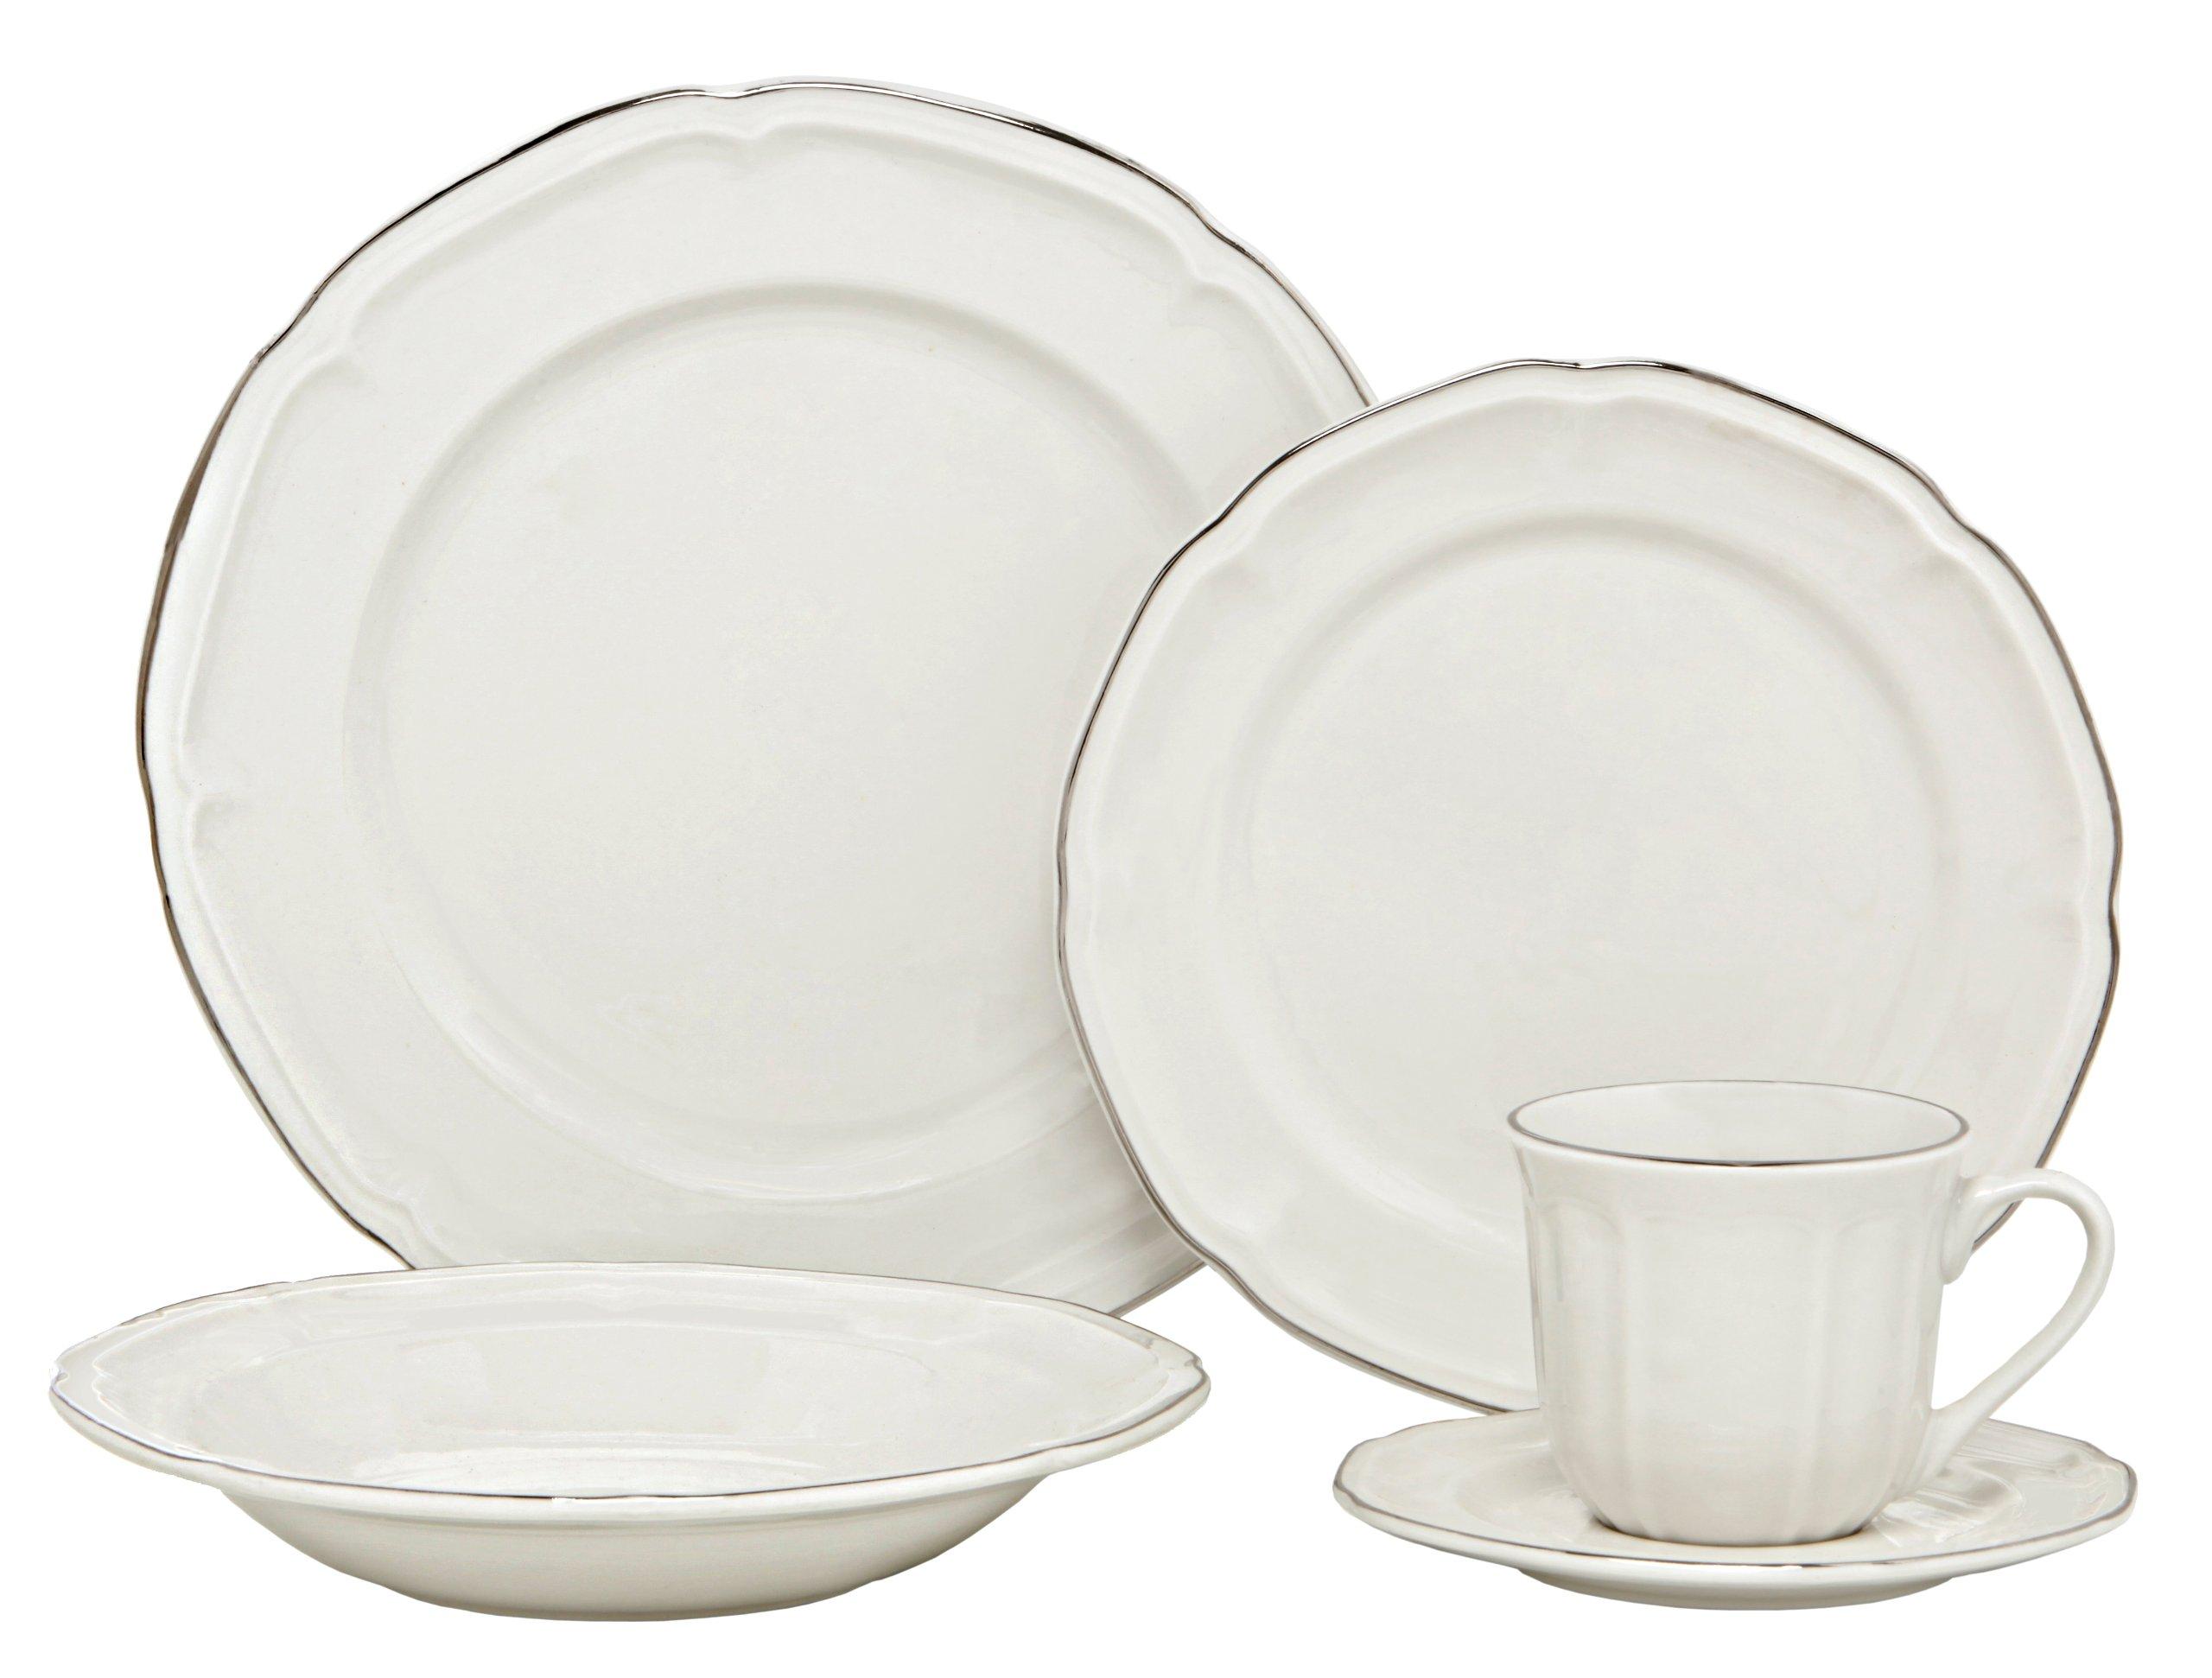 Melange Nouveau Classic Porcelain 40-Piece Place Setting, Platinum, Serving for 8 by Melange